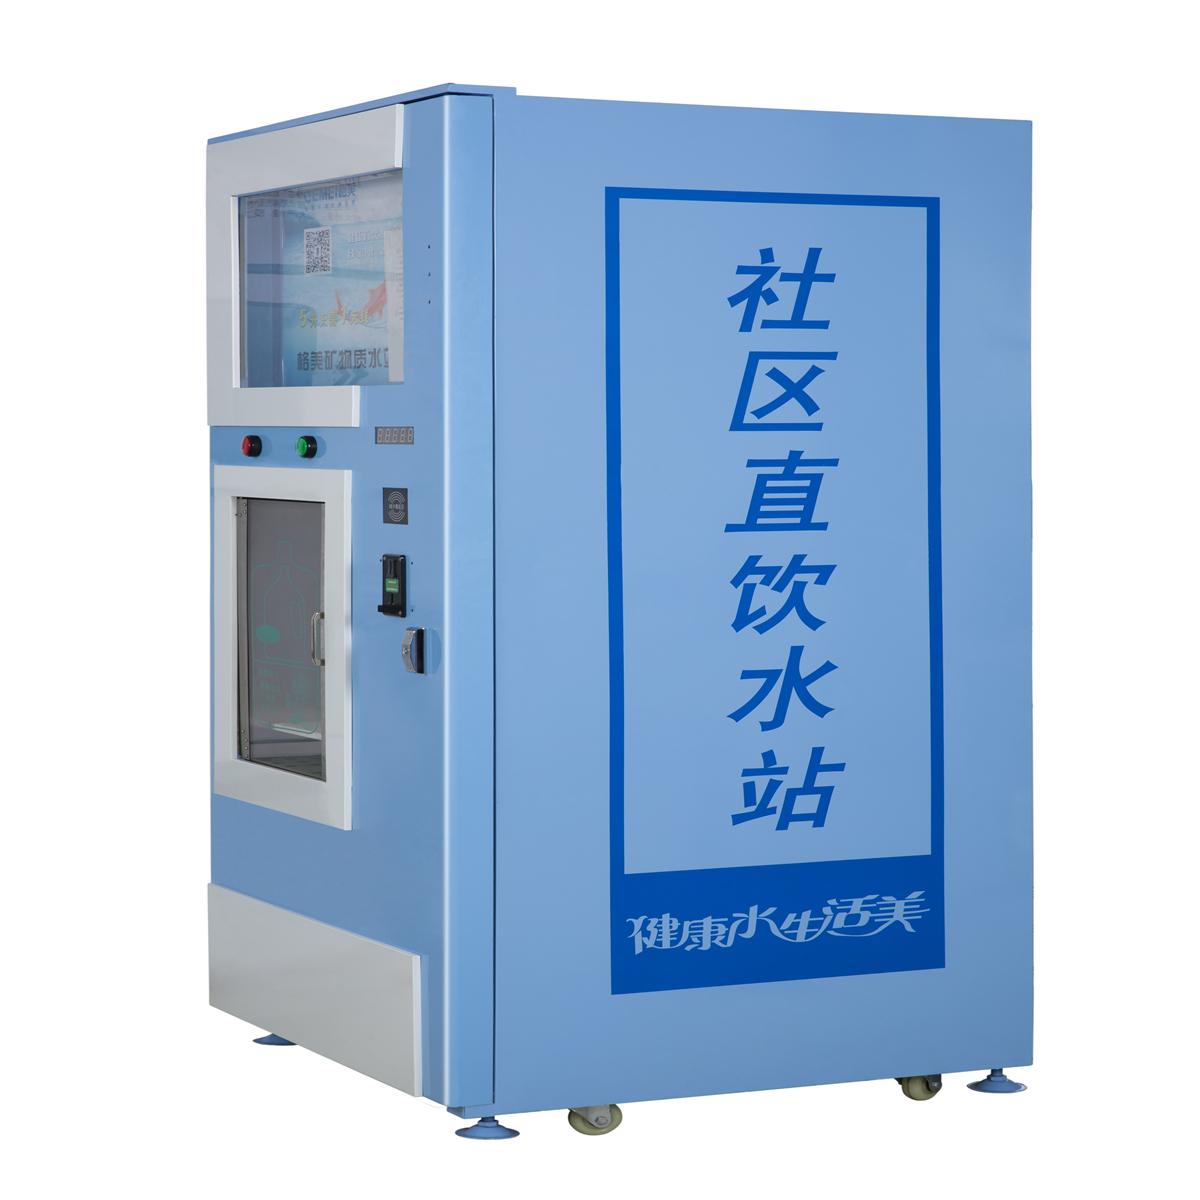 400G/800G/1200G RO water vending machine RO-400G